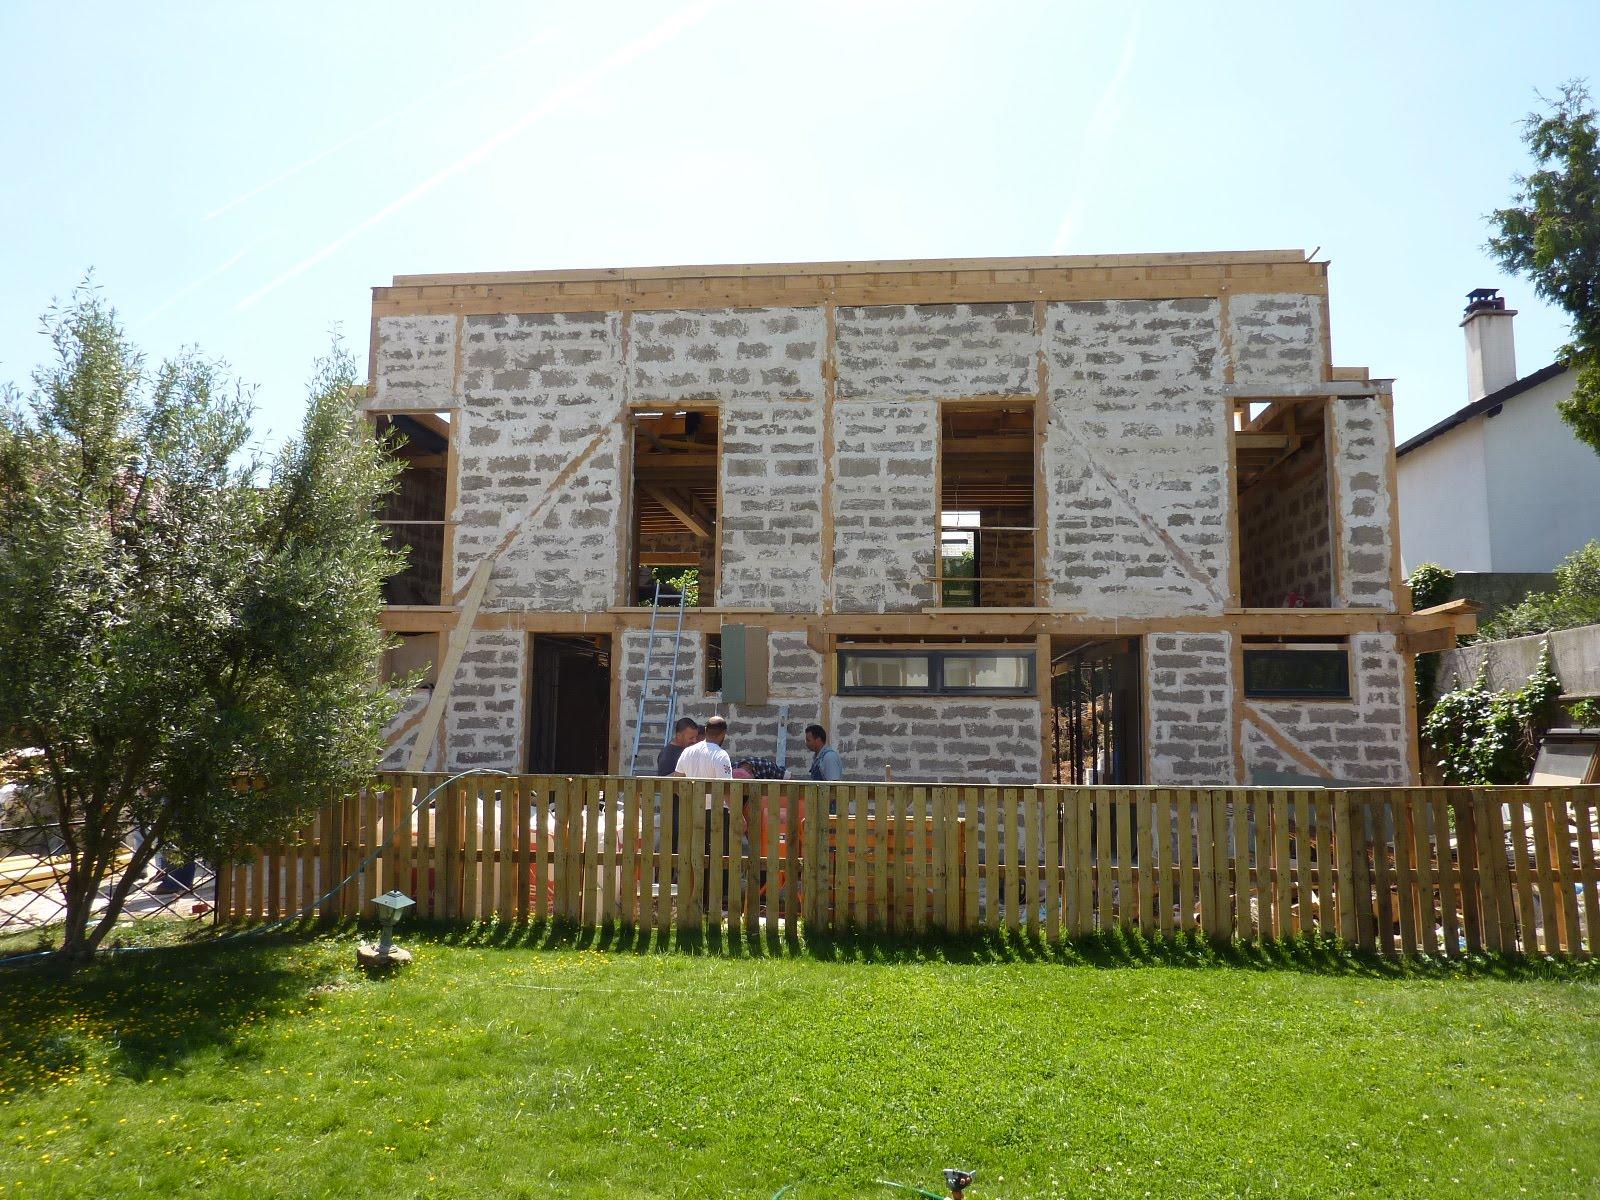 Maison bois chantier  Modern Architecture Group